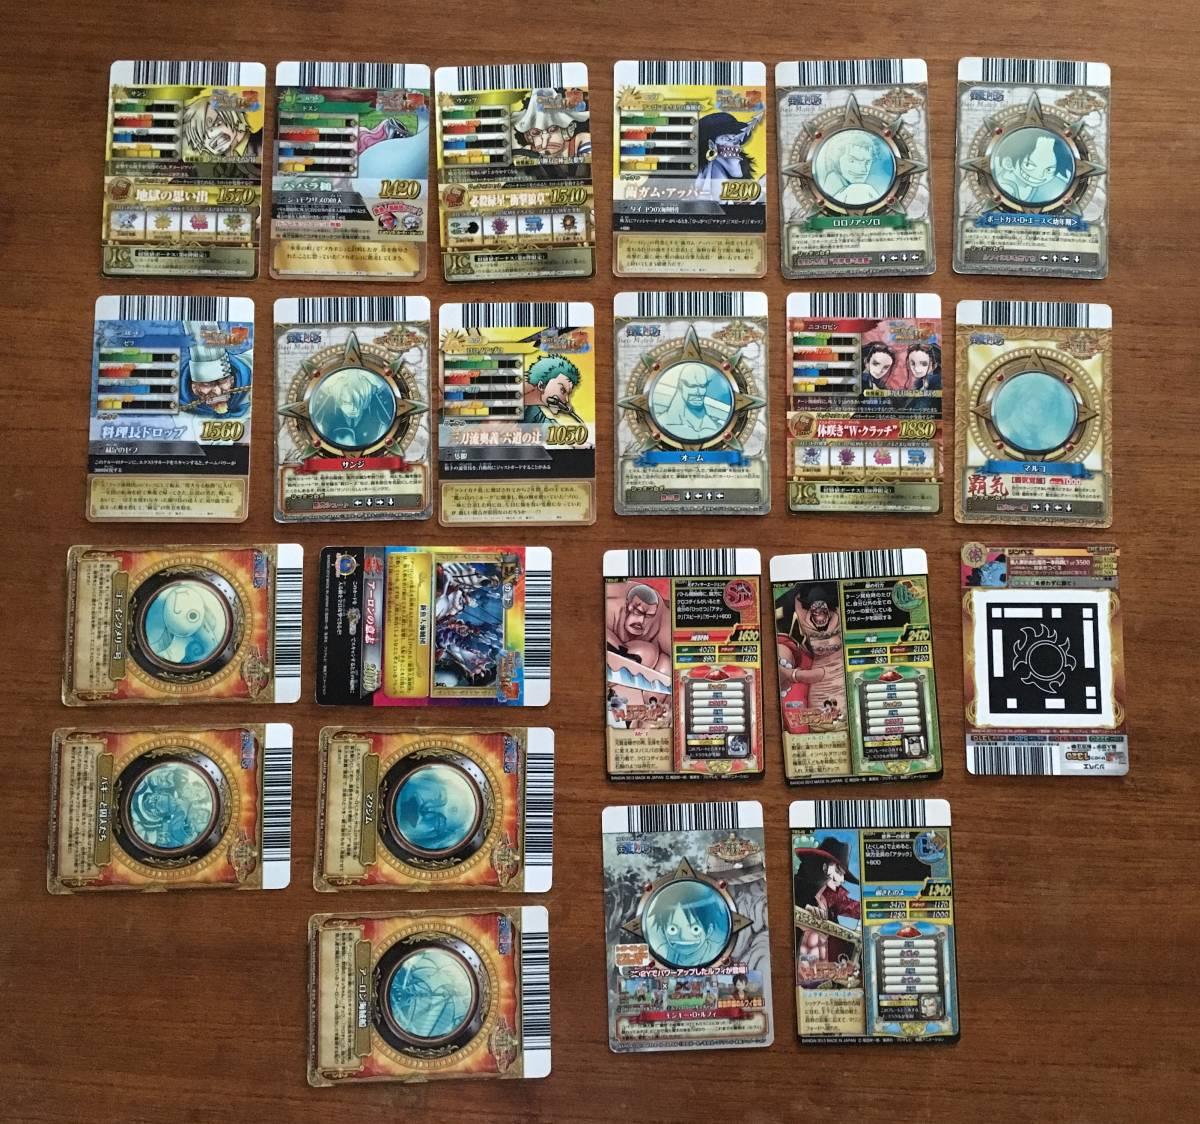 ワンピース トレーディングカード 22枚セット_画像2